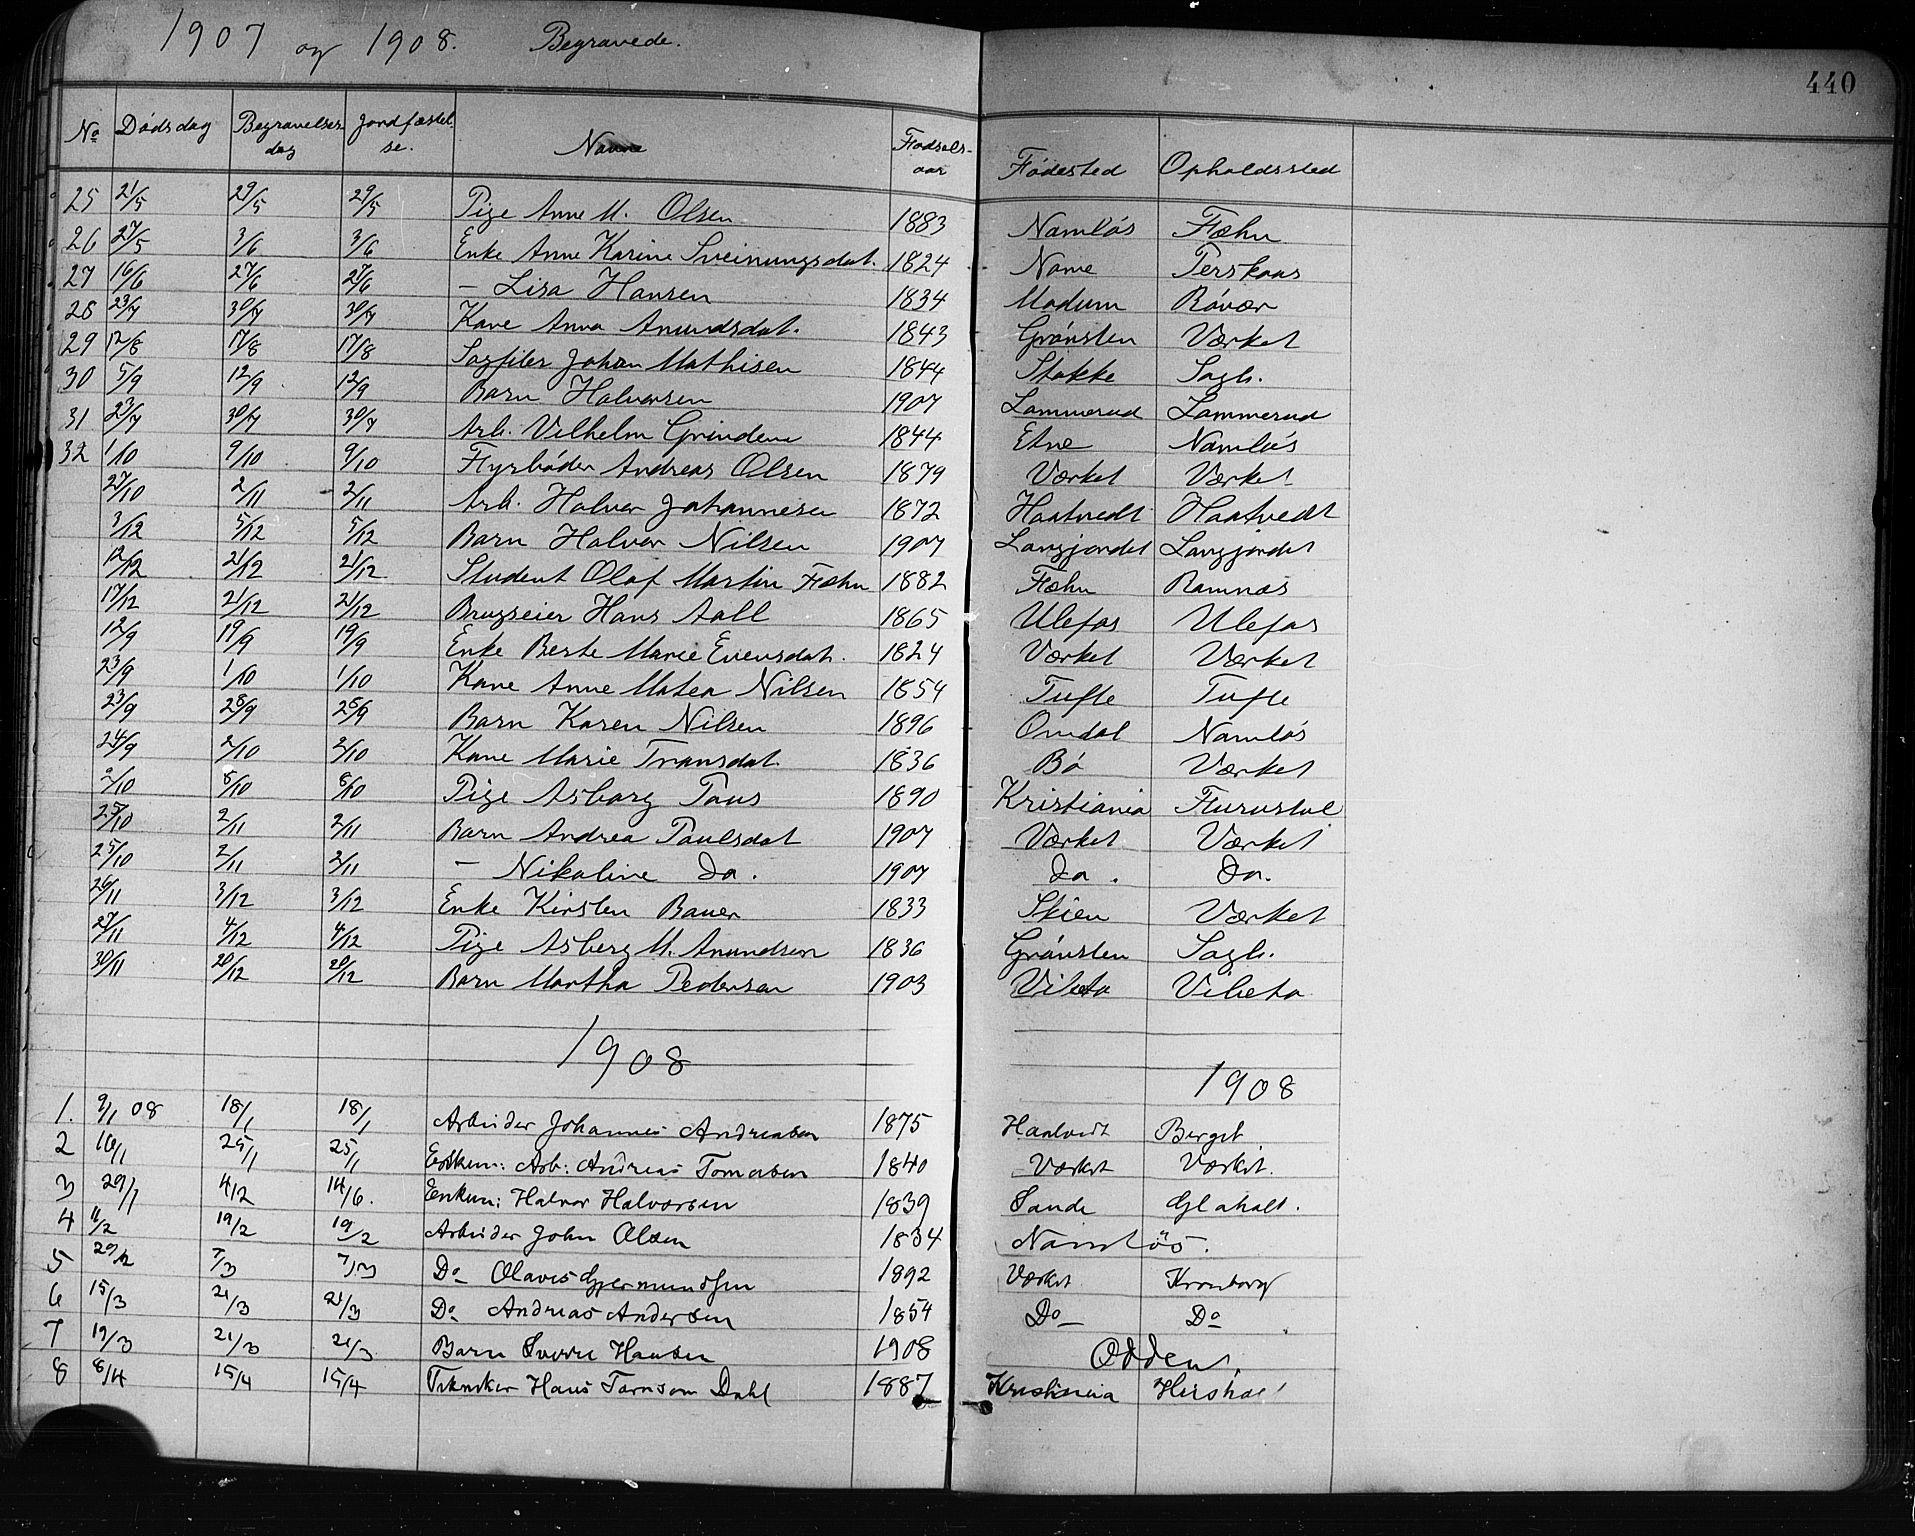 SAKO, Holla kirkebøker, G/Ga/L0005: Klokkerbok nr. I 5, 1891-1917, s. 440